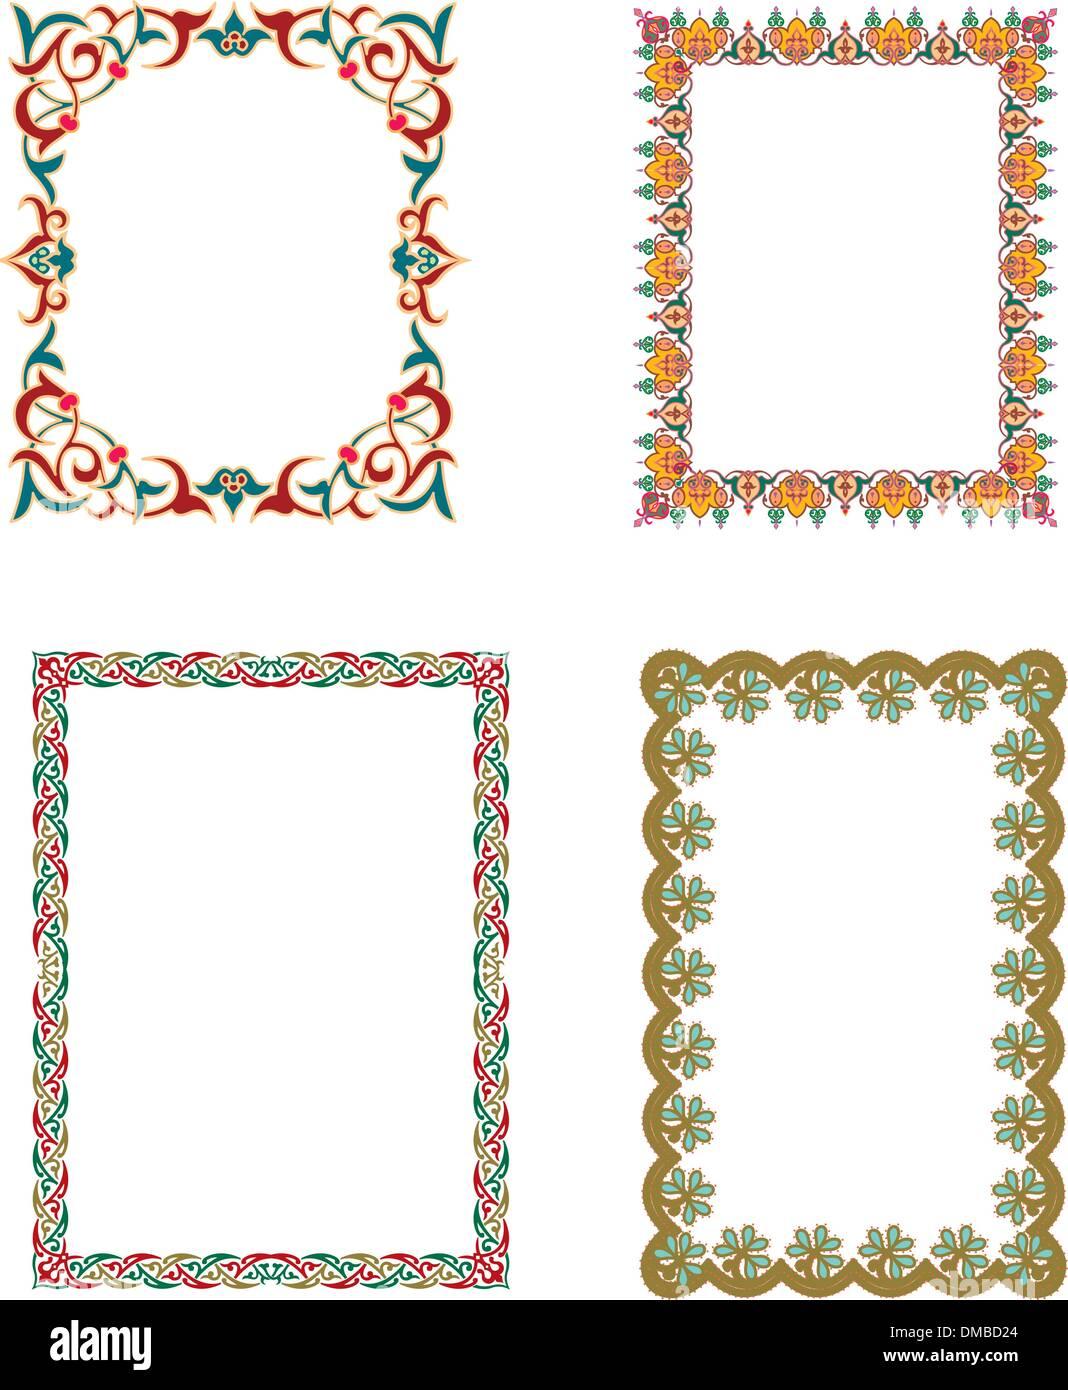 Marcos islámicos Ilustración del Vector, Imagen: 64175948 - Alamy